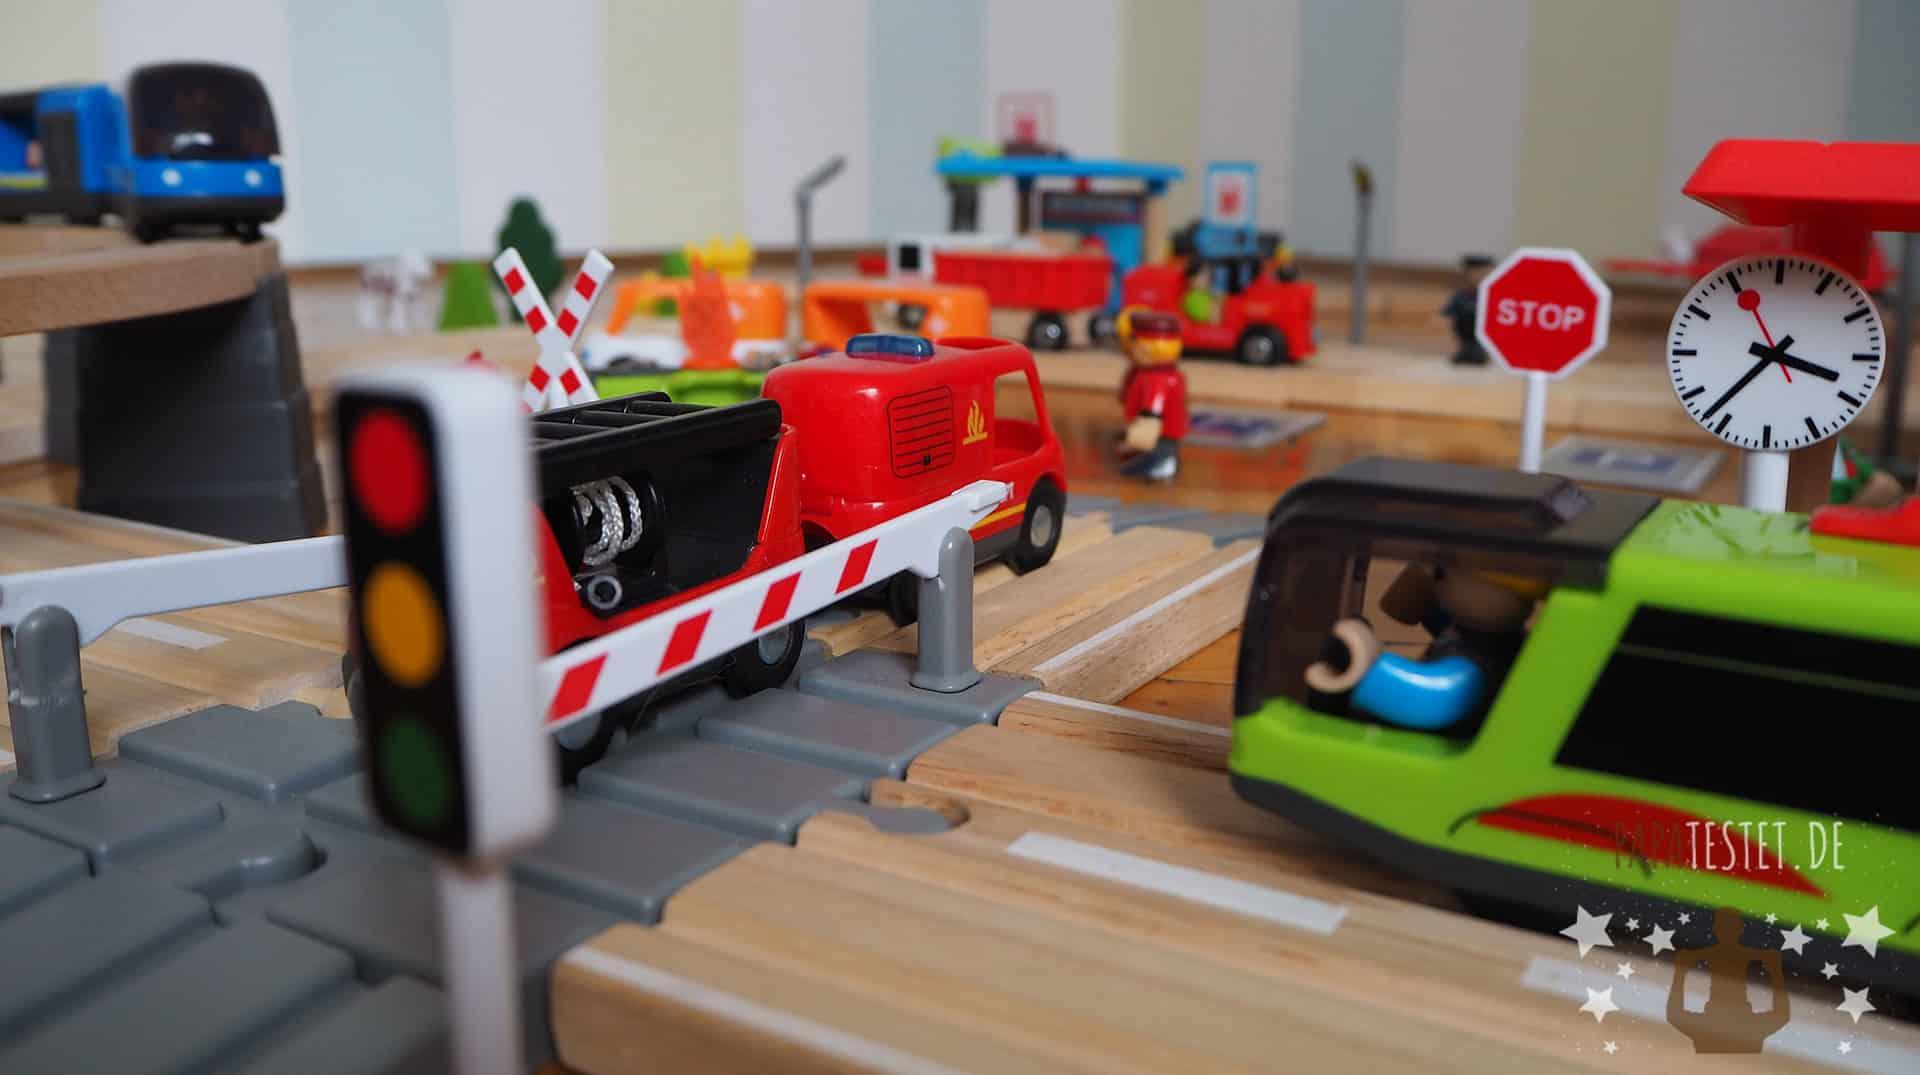 Zubehör für die PlayTive Junior Eisenbahn | ツ PapaTestet